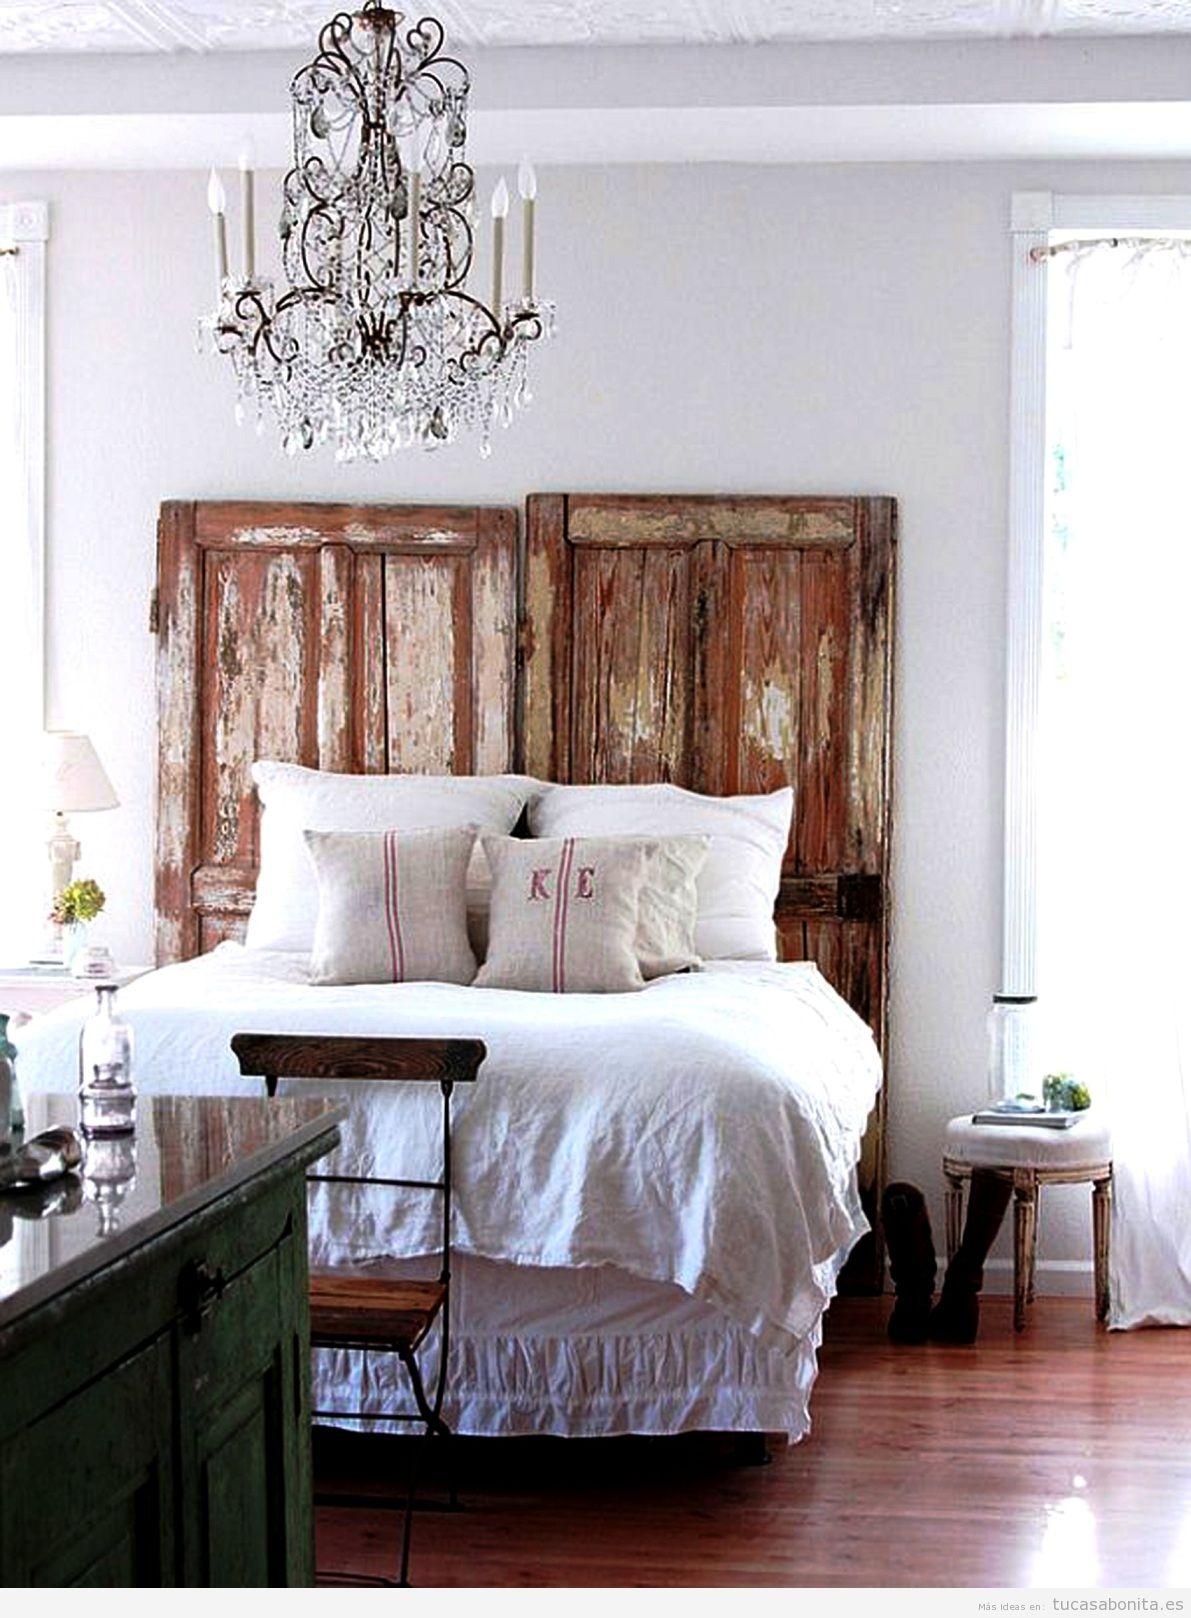 Cabeceros de cama decorados tableros puertas y ventanas - Decorar cabecero cama ...